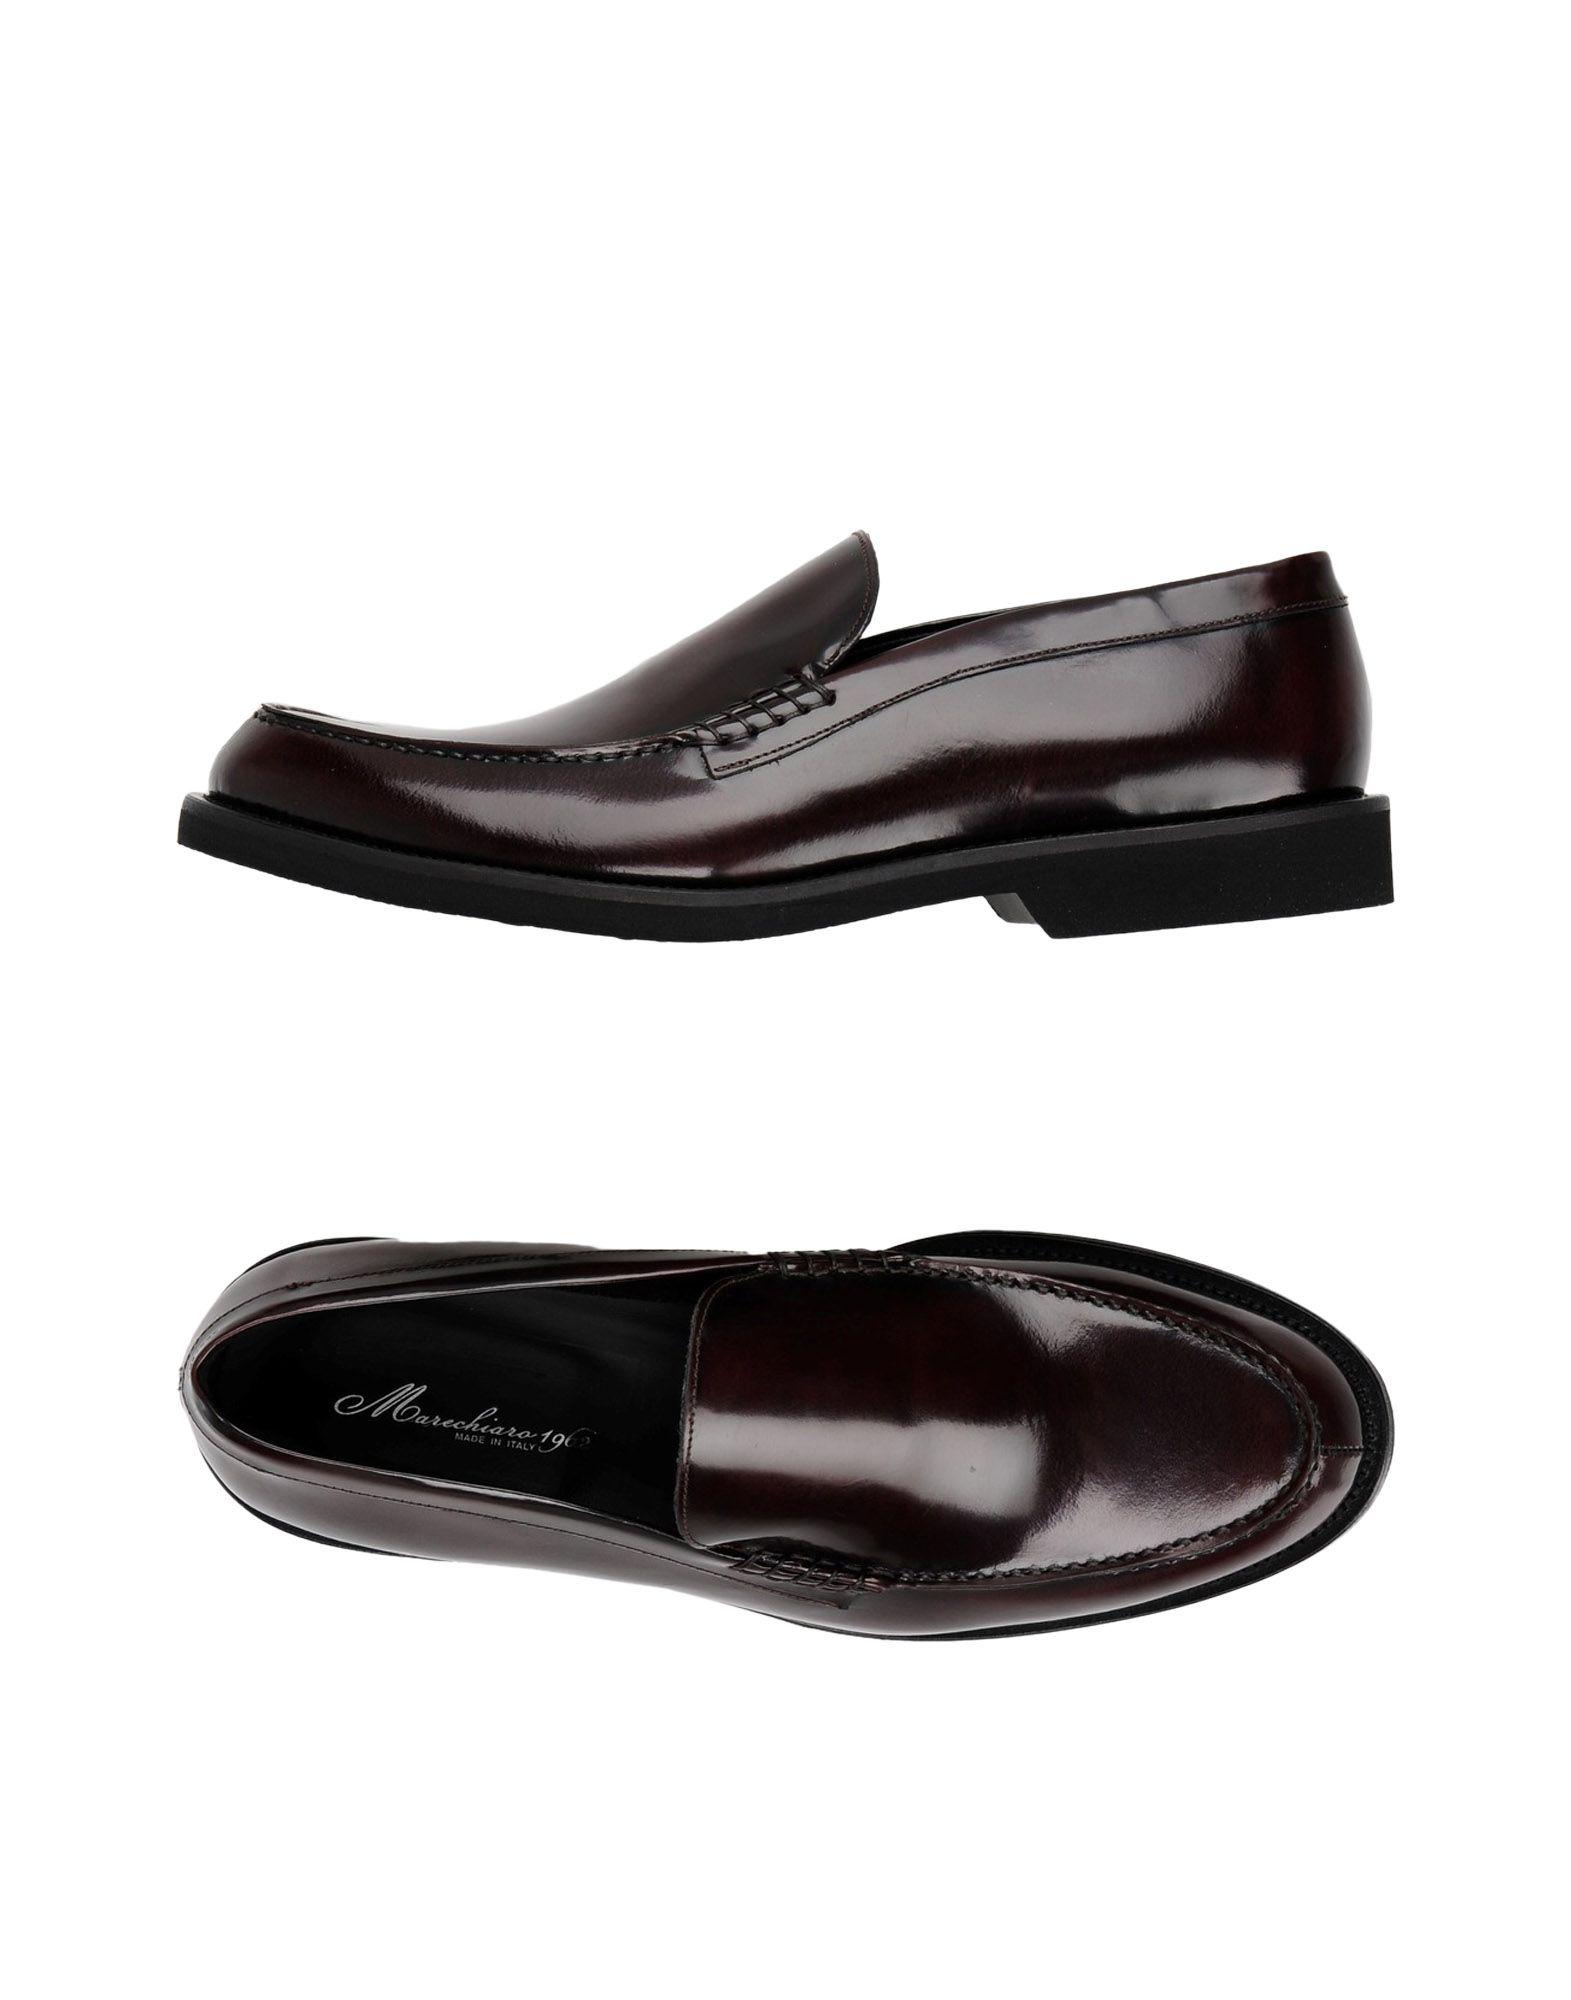 Marechiaro 1962 Mokassins Herren  11428757SB Gute Qualität beliebte Schuhe